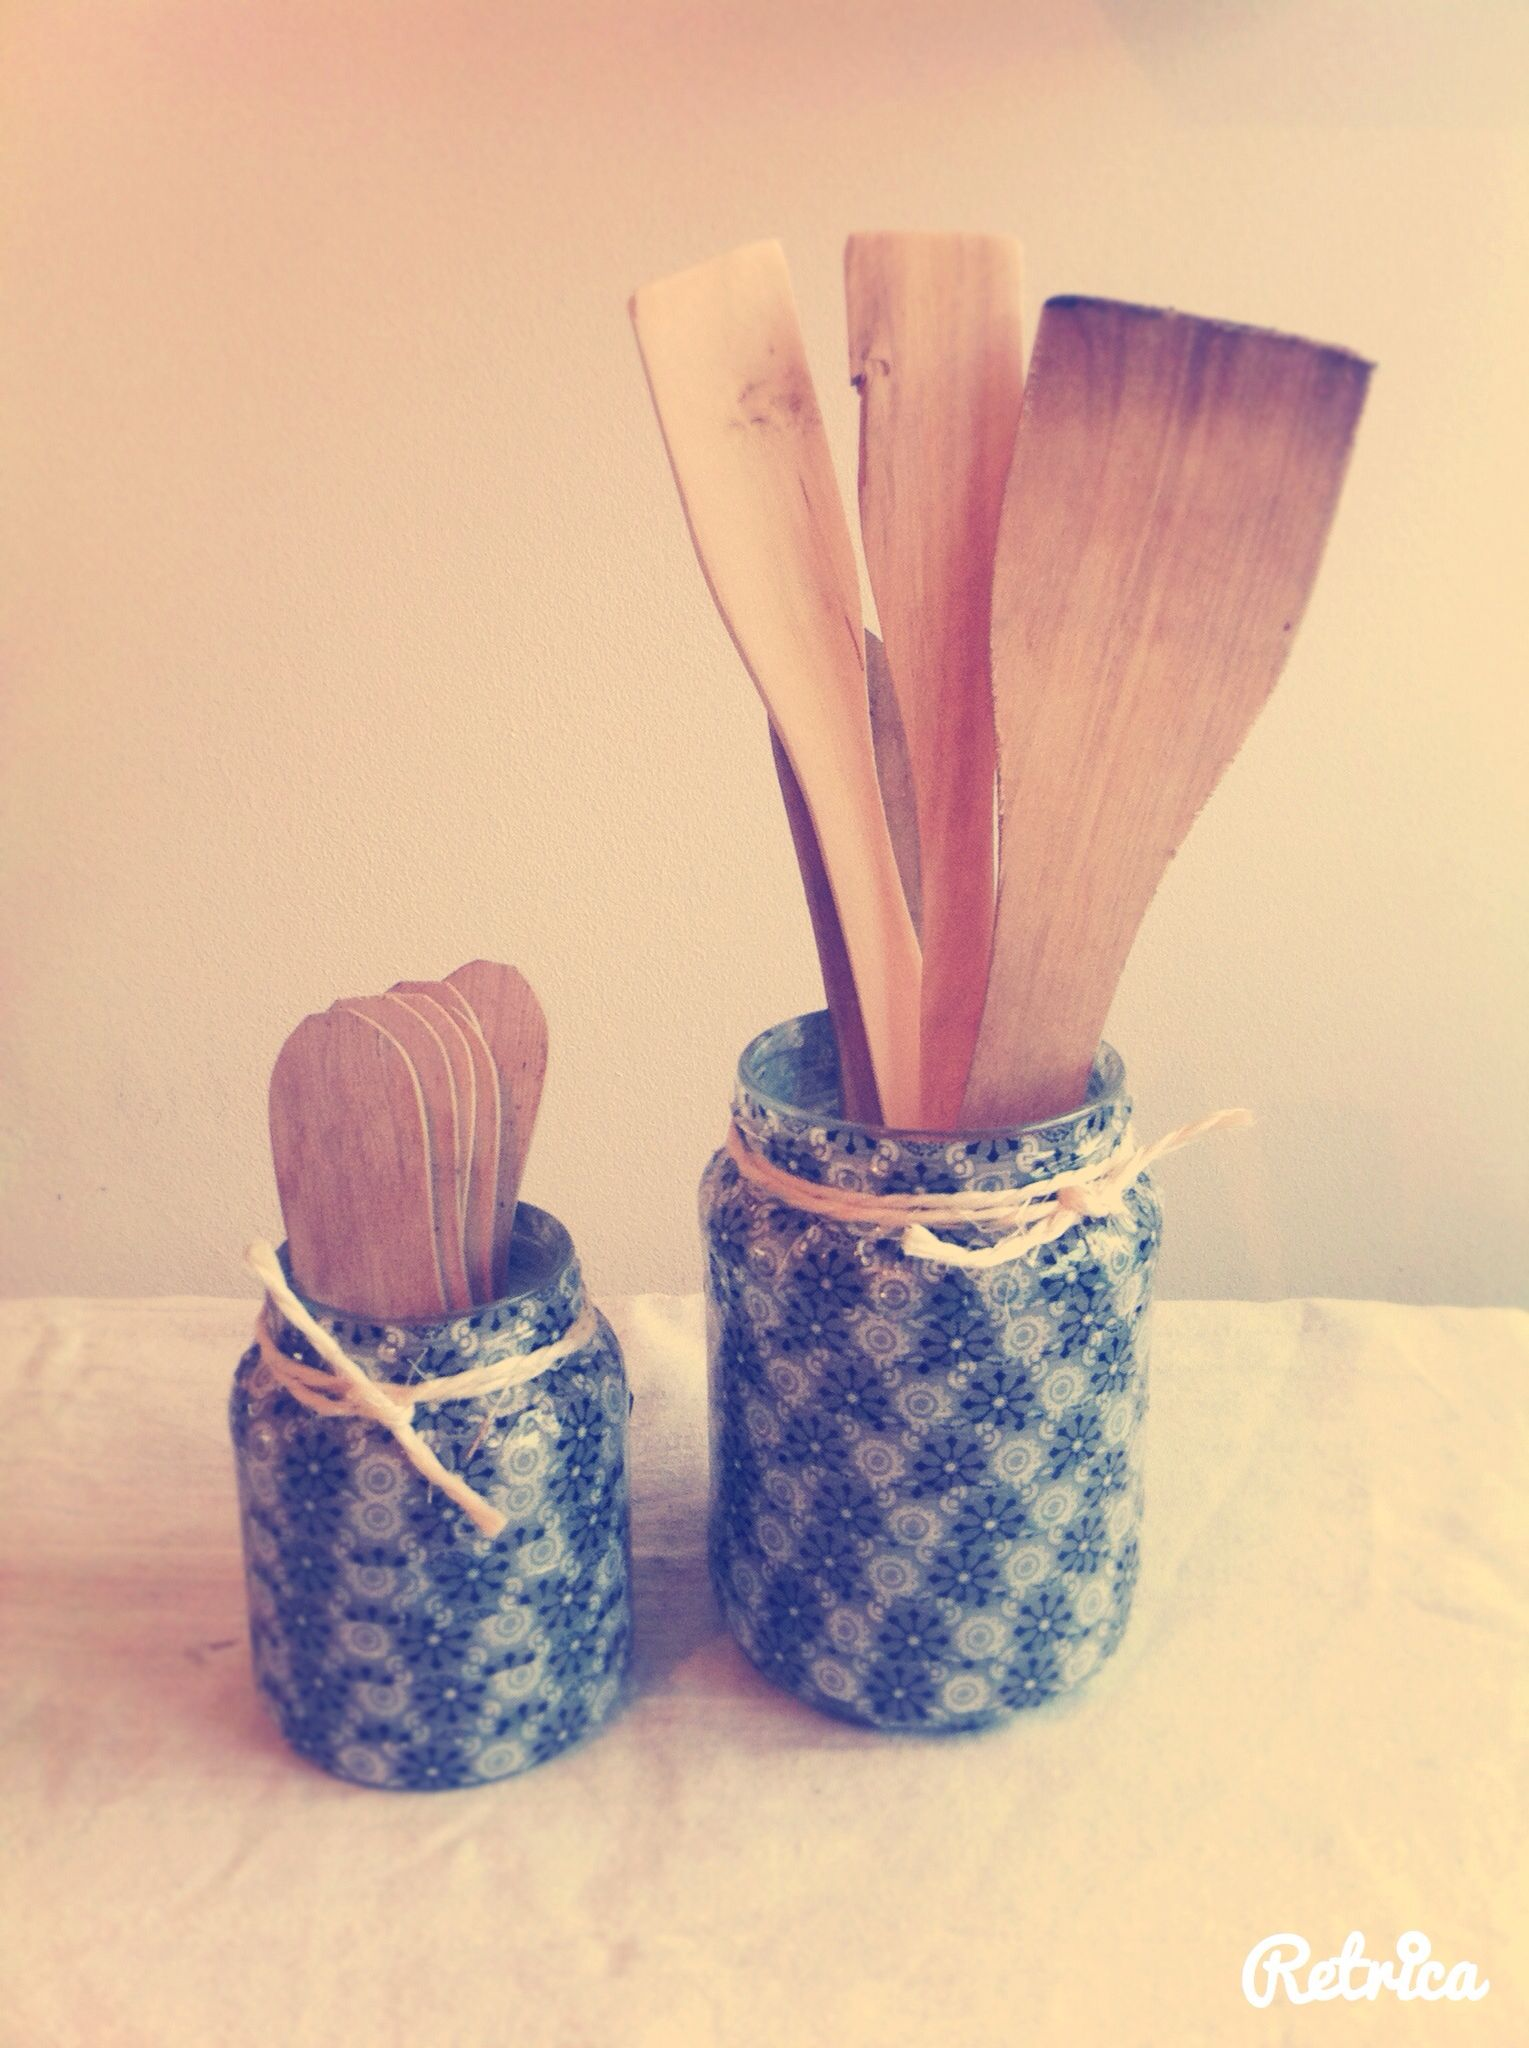 Lege glazen potjes beplakken met washi tape en omwikkelen met een stukje bindtouw, leuk resultaat!